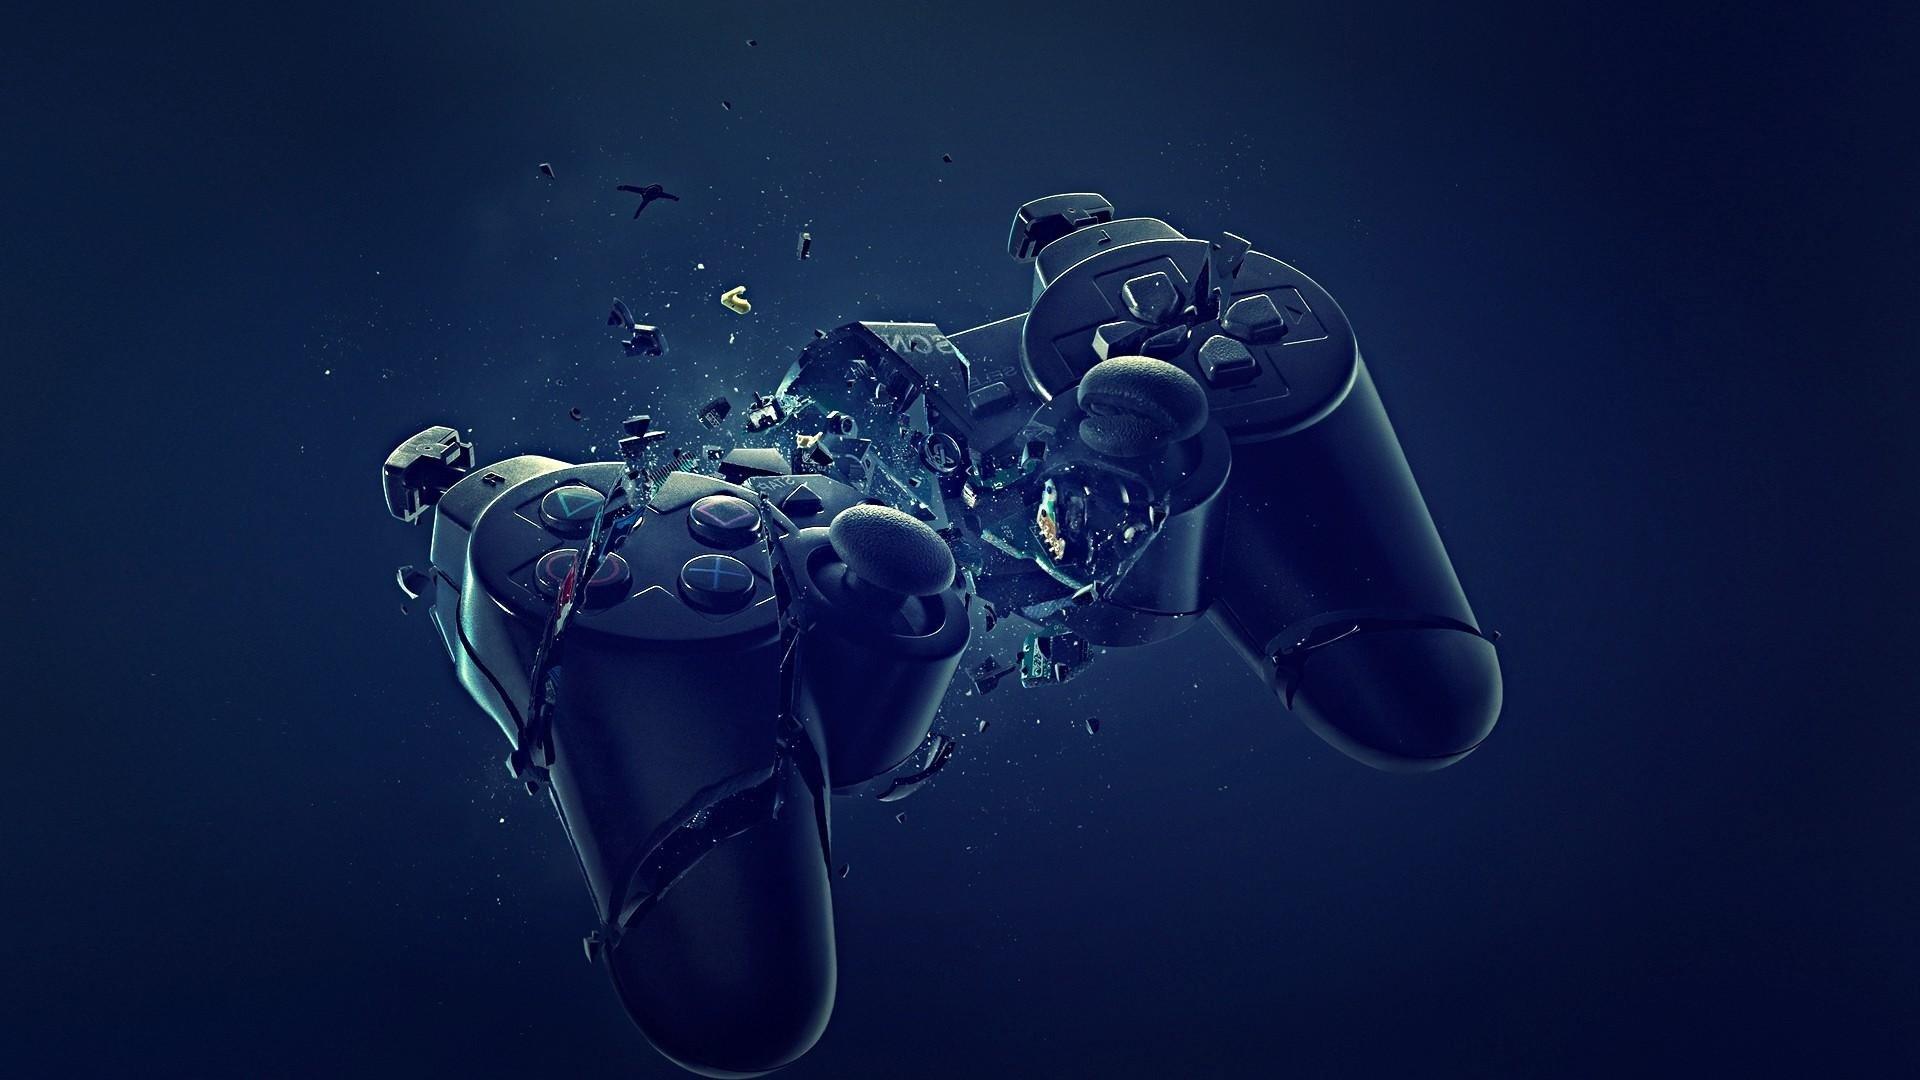 abstract blue black dark broken PlayStation joysticks controller 1920x1080